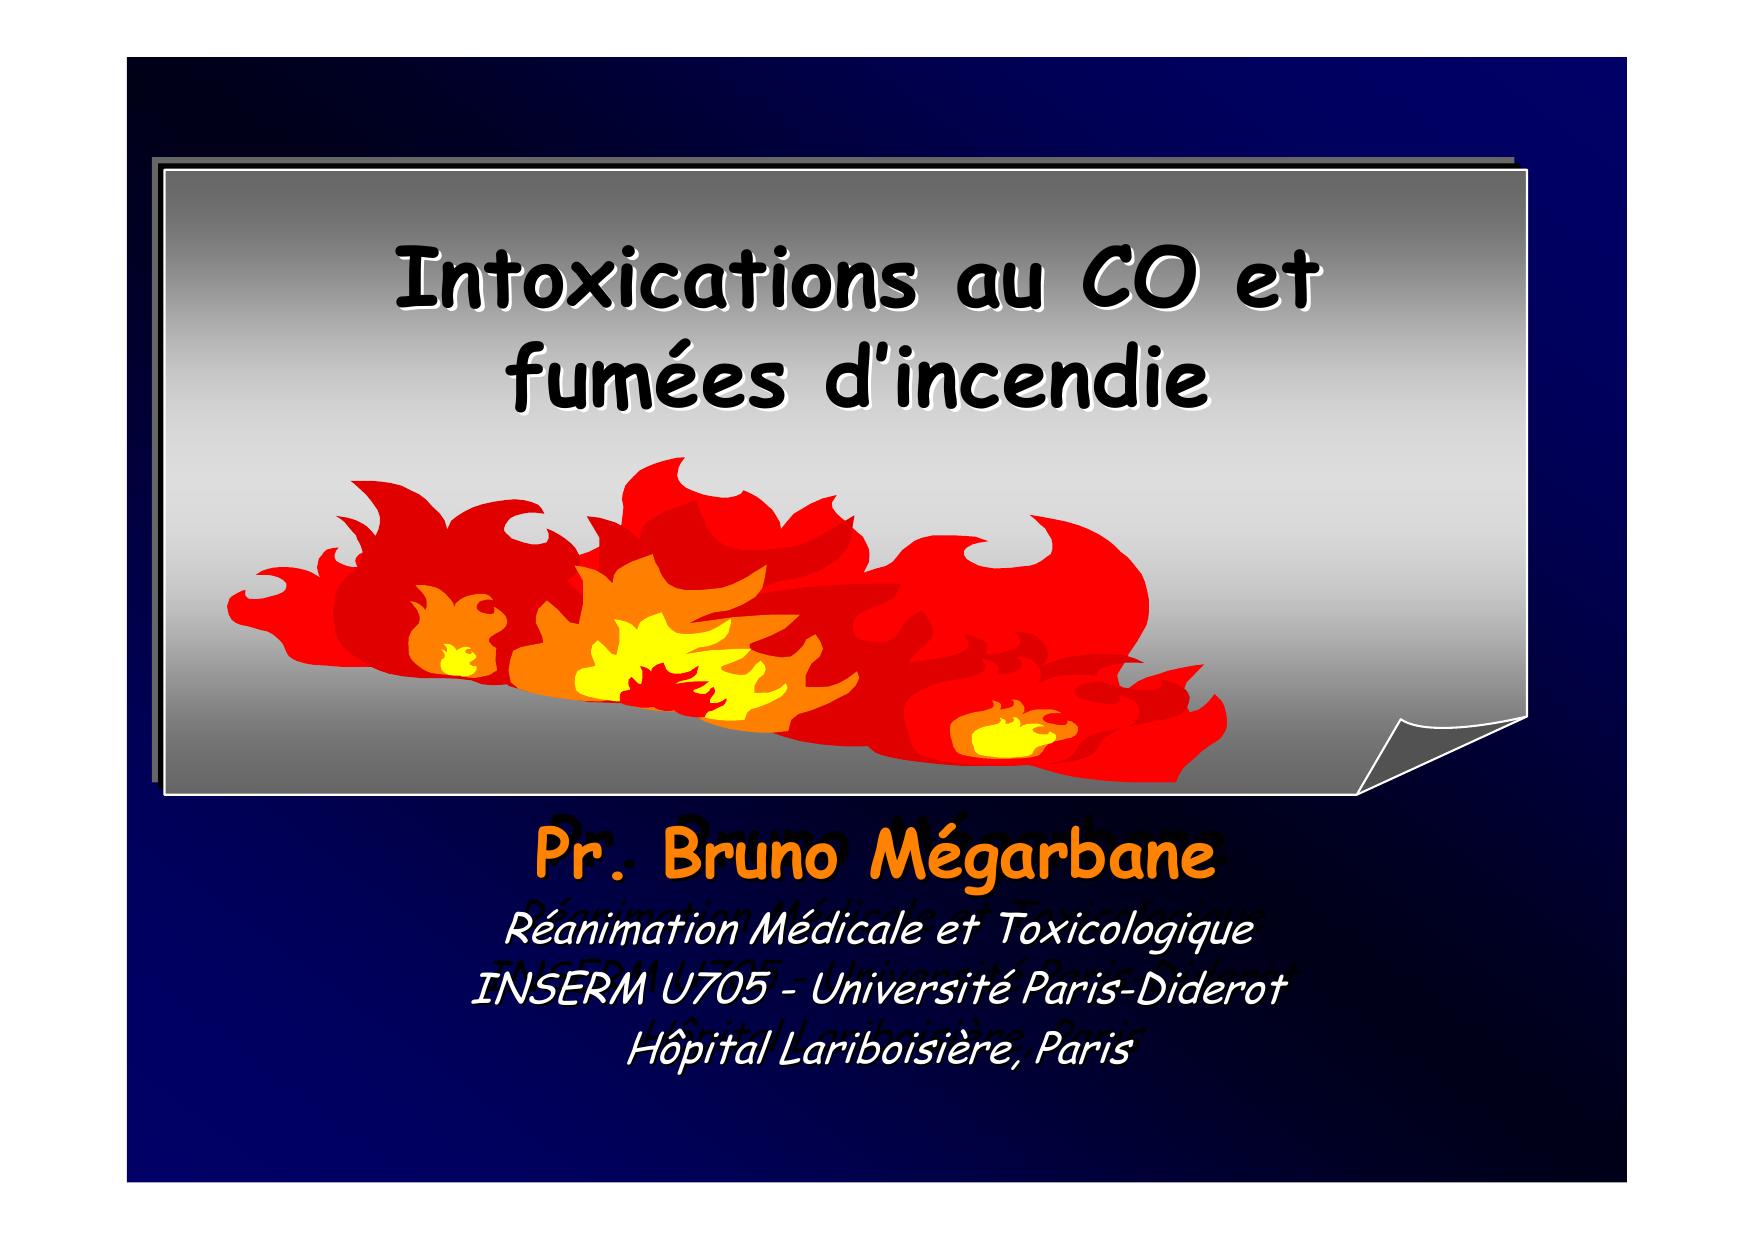 Intoxications au CO et fum é es d